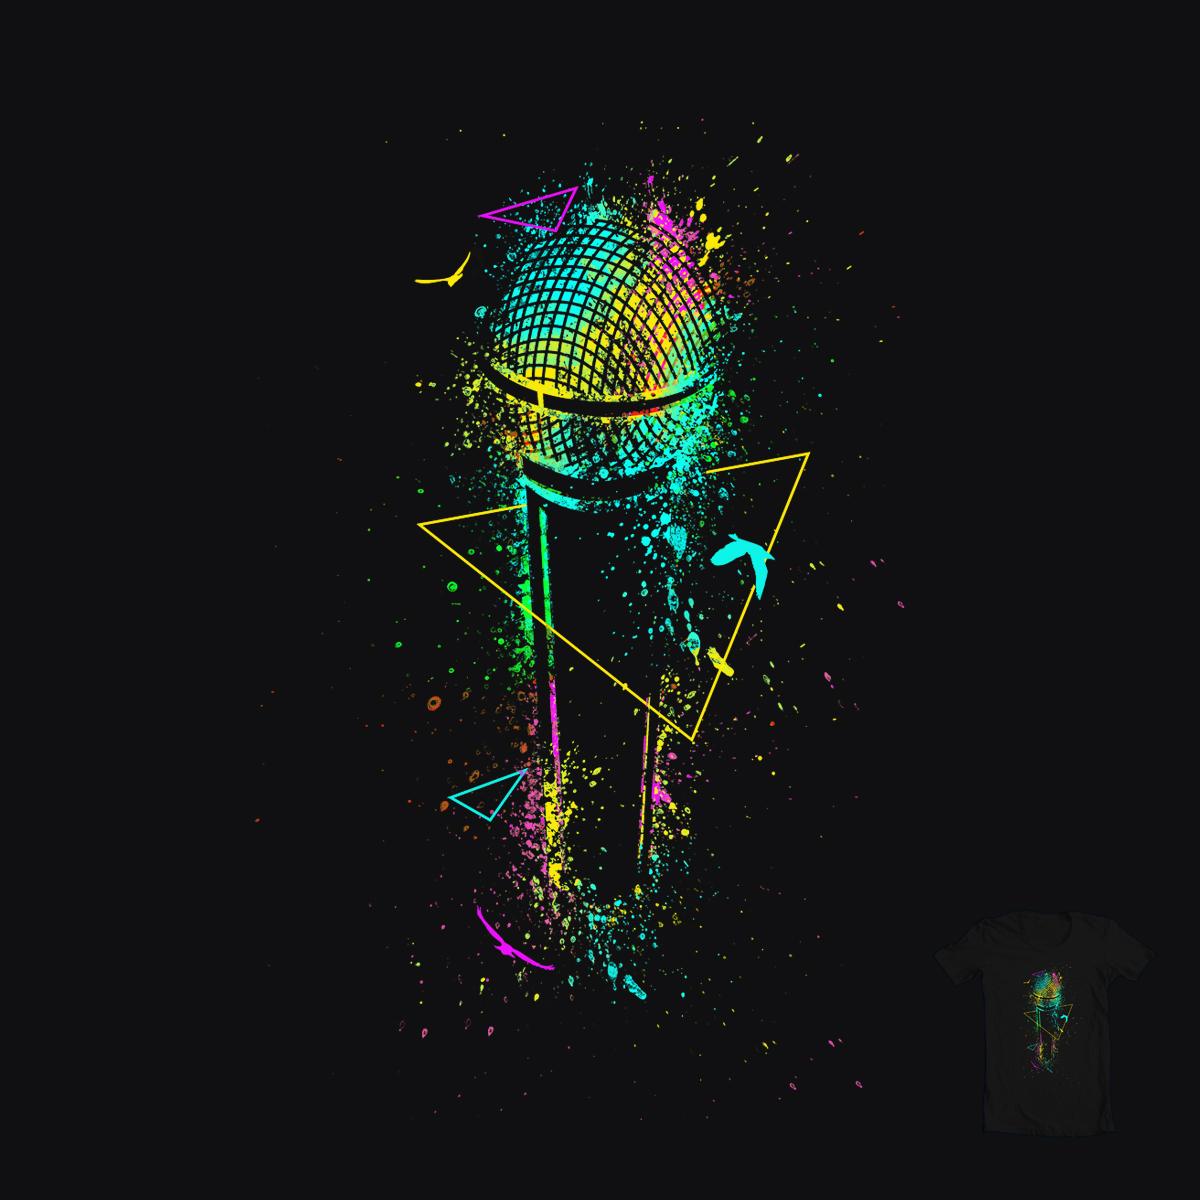 Vocals by Evan_Luza on Threadless